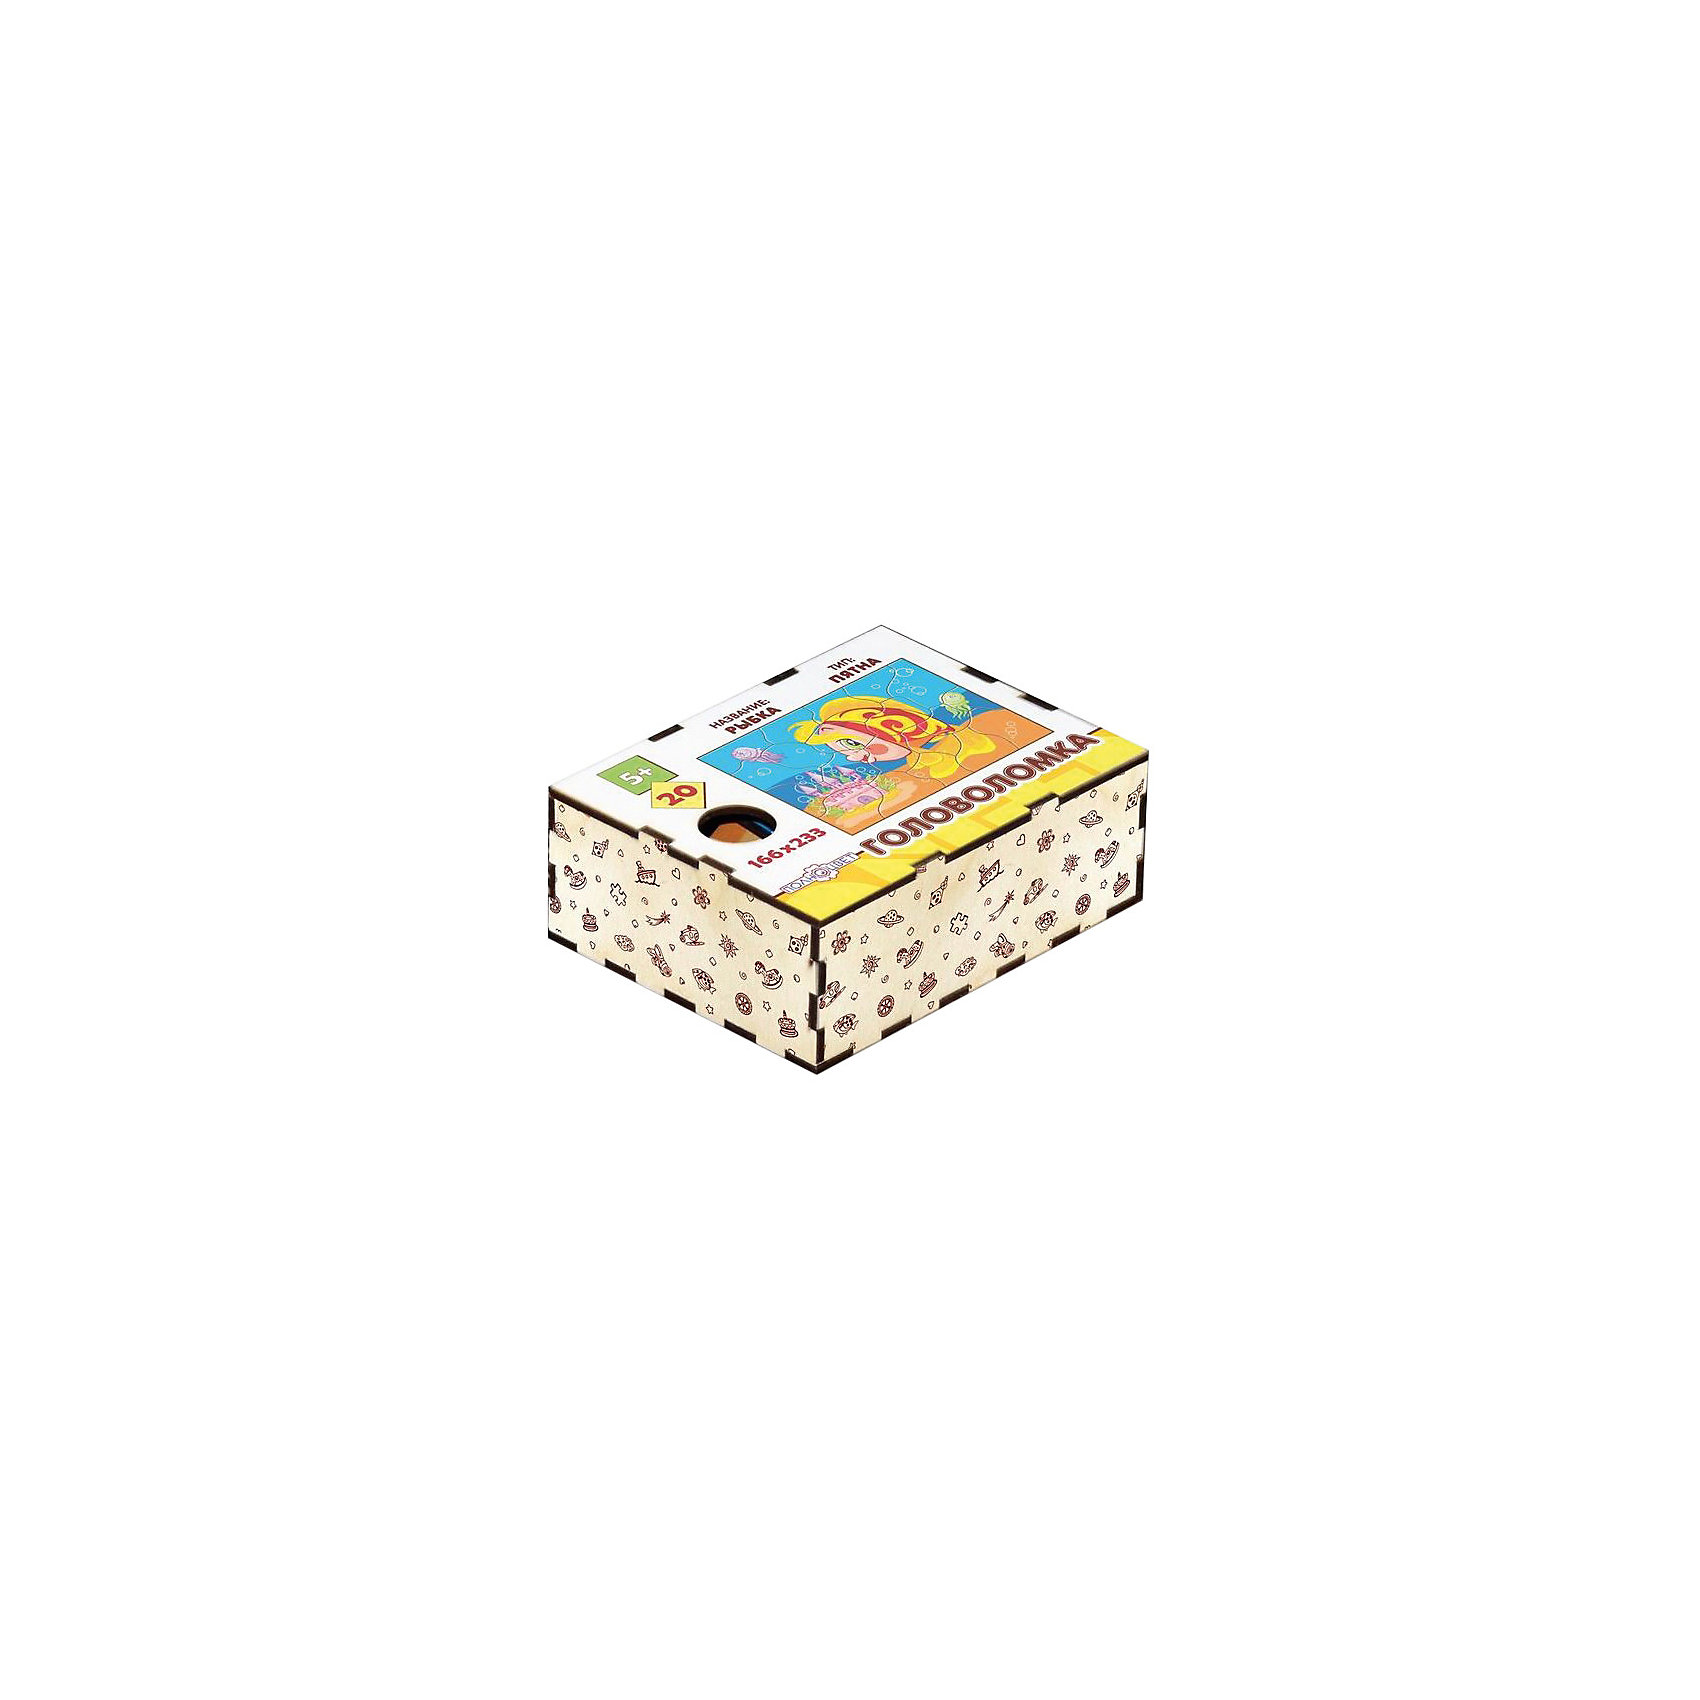 Головоломка Пятна. Рыбка, ПолноцветДеревянные головоломки<br>Характеристики:<br><br>• возраст: от 5 лет;<br>• количество деталей: 20;<br>• материал: фанера березовая шлифованная ФК, 3 мм;<br>• размер головоломки: 16,6х23,3х0,3 см;<br>• вес: 150 г;<br>• краска: УФ краска;<br>• тип упаковки: деревянная коробка открытого типа, термоусадка.<br><br>Интересный пазл из деталей необычной формы надолго увлечет малышей. Мальчикам и девочкам потребуется проявить максимум внимательности и усидчивости, чтобы собрать красочную картинку с рыбкой.<br><br>Деревянная головоломка с высококачественной печатью имеет высокий срок службы. <br><br>Игрушка рекомендована для детских садов и центров, а также для домашнего использования.<br><br>Головоломку «Пятна. Рыба», Полноцвет можно приобрести в нашем интернет-магазине.<br><br>Ширина мм: 30<br>Глубина мм: 230<br>Высота мм: 170<br>Вес г: 150<br>Возраст от месяцев: 36<br>Возраст до месяцев: 2147483647<br>Пол: Унисекс<br>Возраст: Детский<br>SKU: 7025964